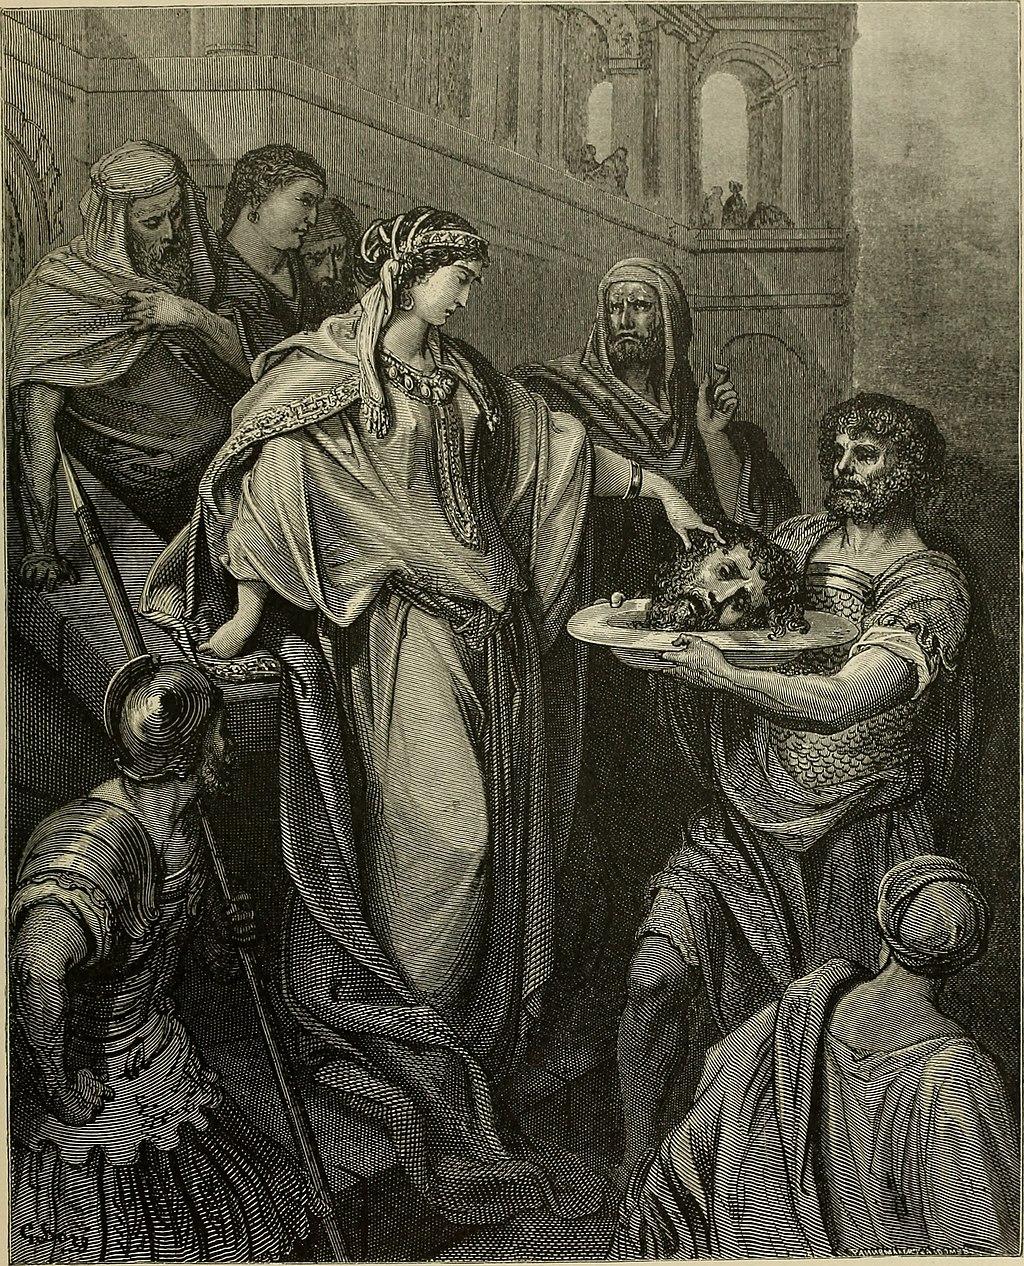 세례 요한의 죽음 (귀스타브 도레, Gustave Dore, 1865년)